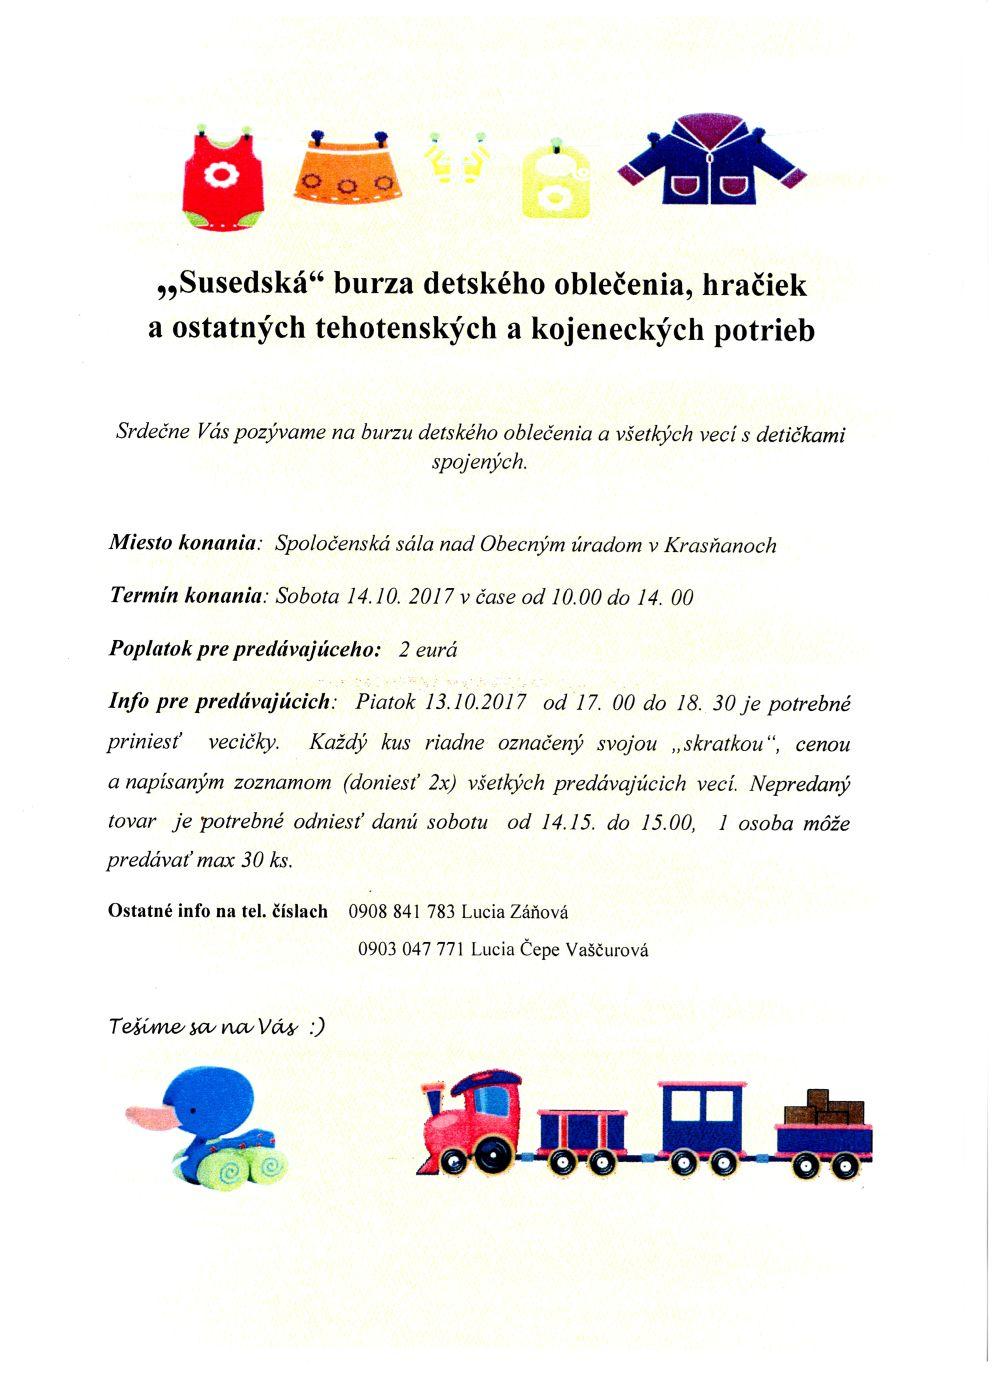 eeb3582a853b Burza detského oblečenia a hračiek - Obec Krasňany